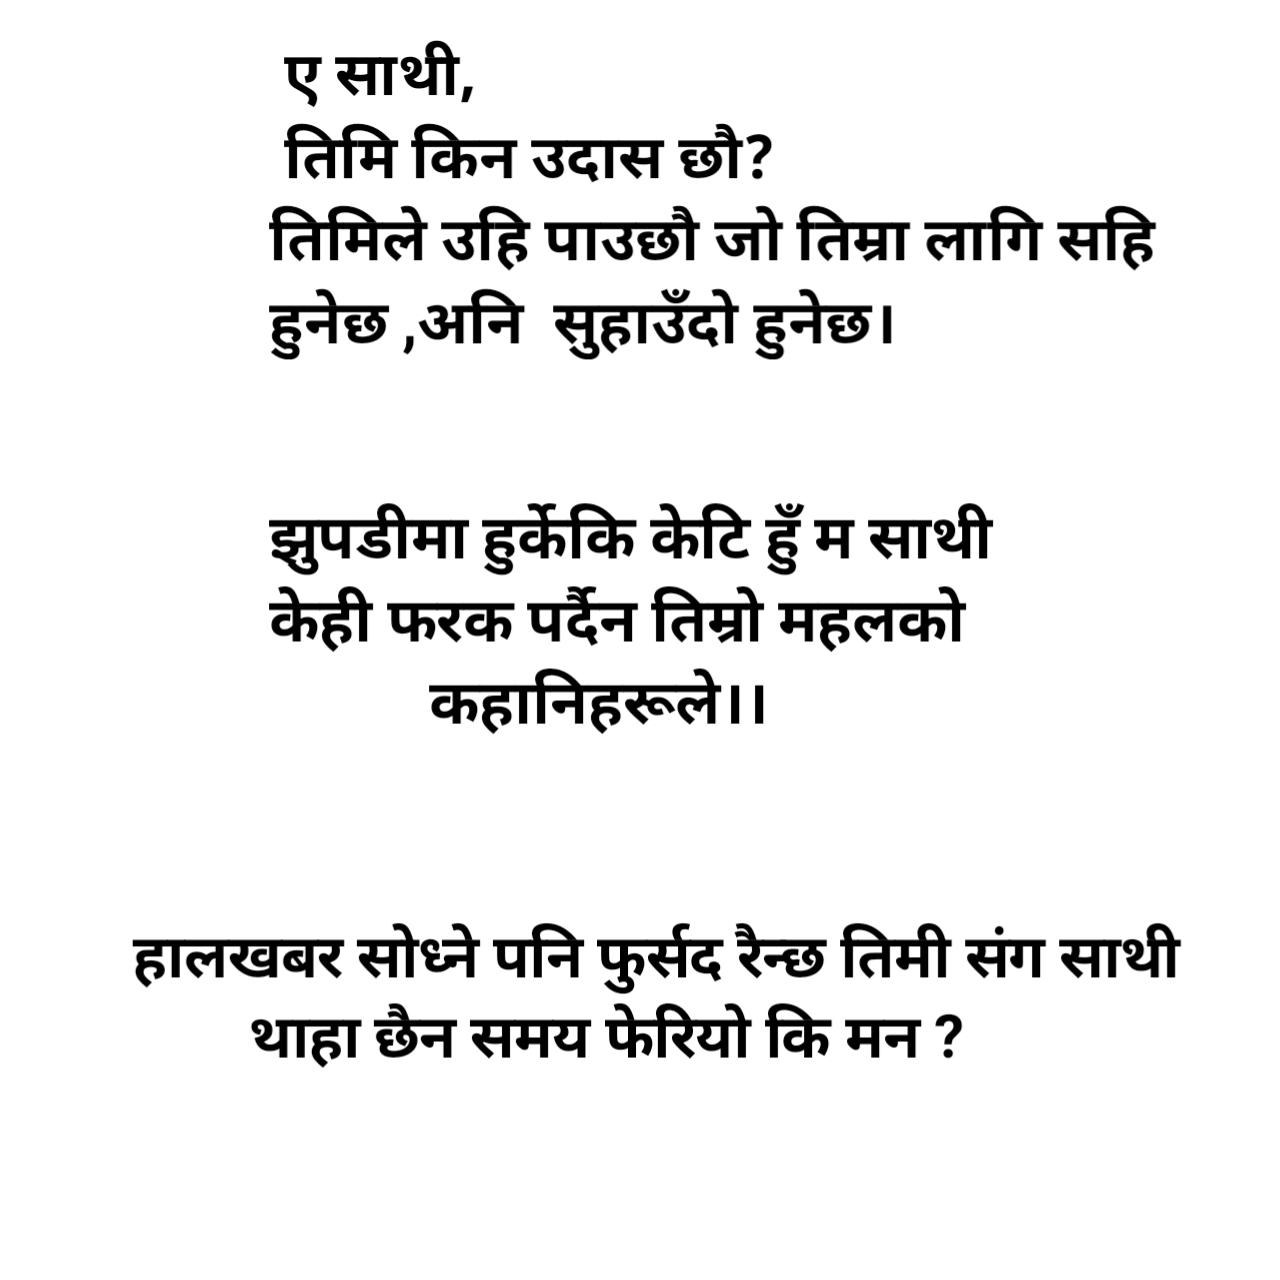 nepali sathi ko lagi Shayari